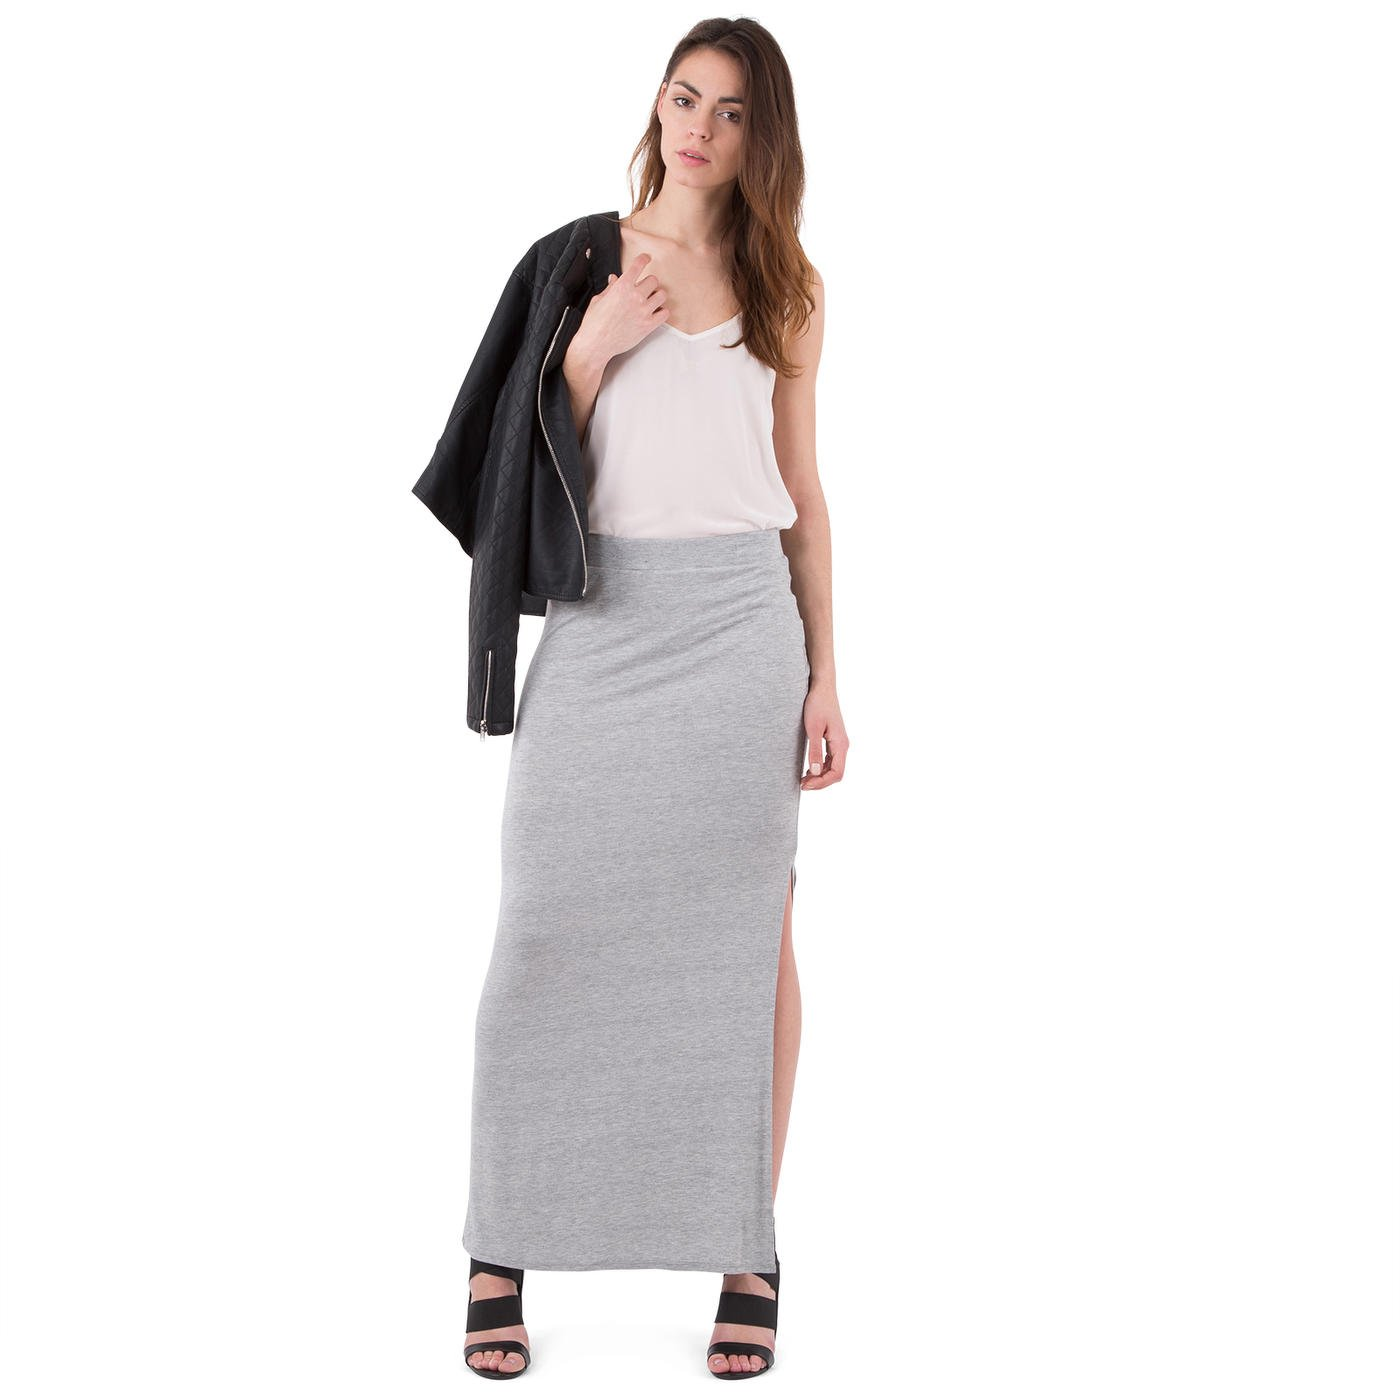 Mim - Falda larga con raja - Mujer - XL - GRIS MOTEADO: Amazon.es ...